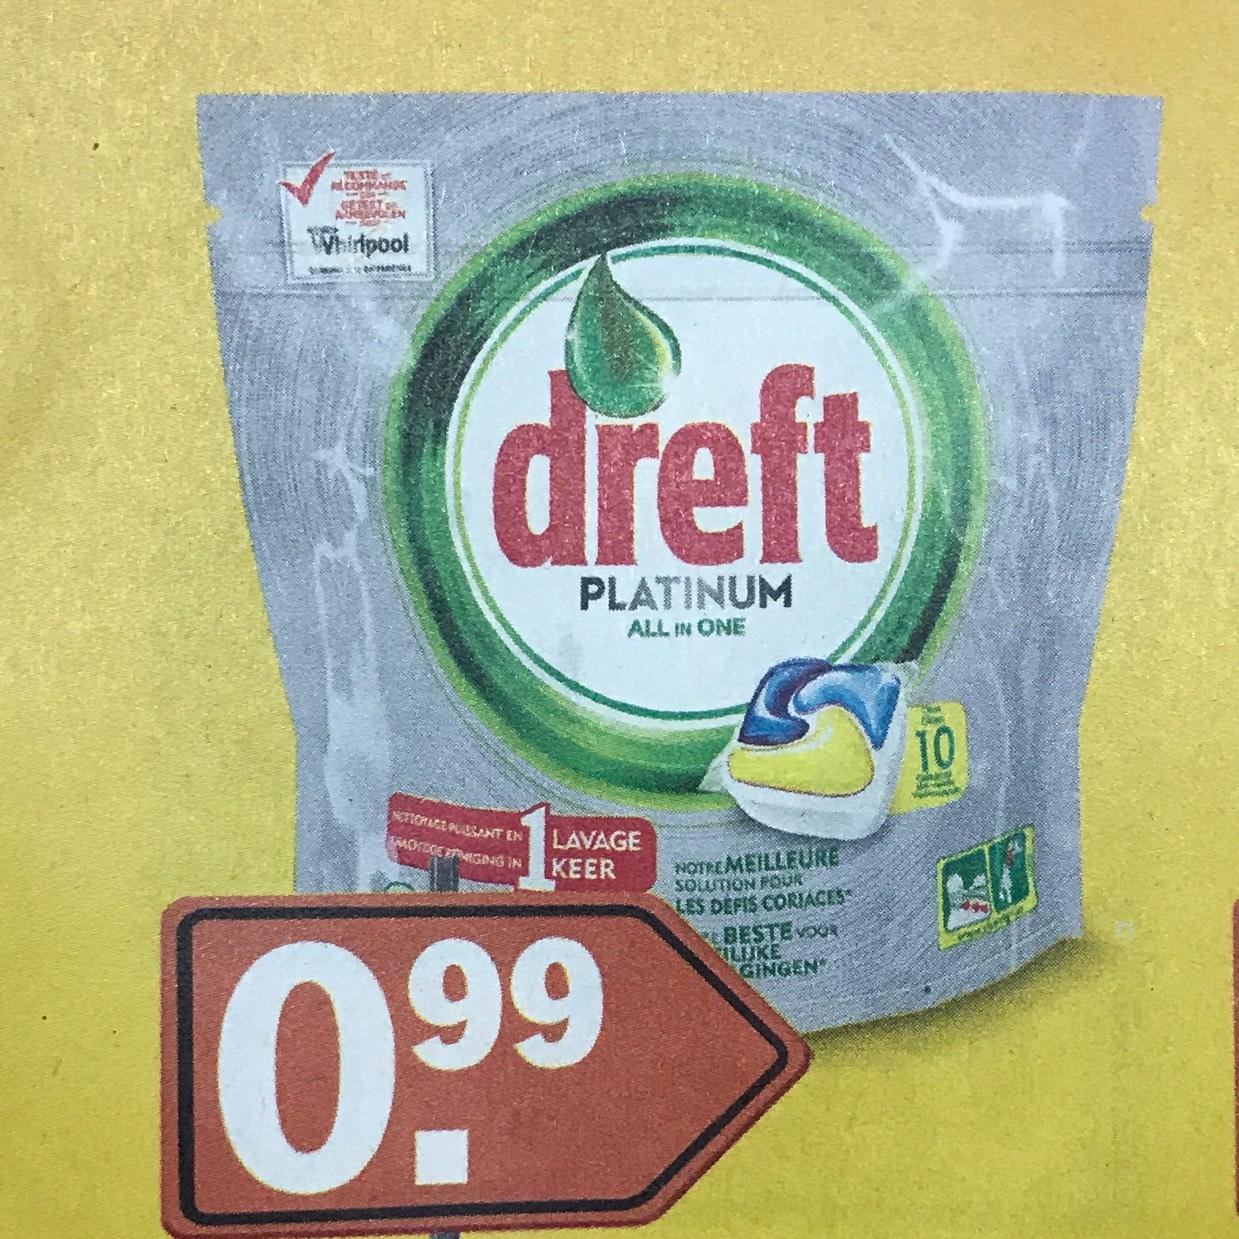 Dreft Platinum All-in-one Citroen vaatwastabletten